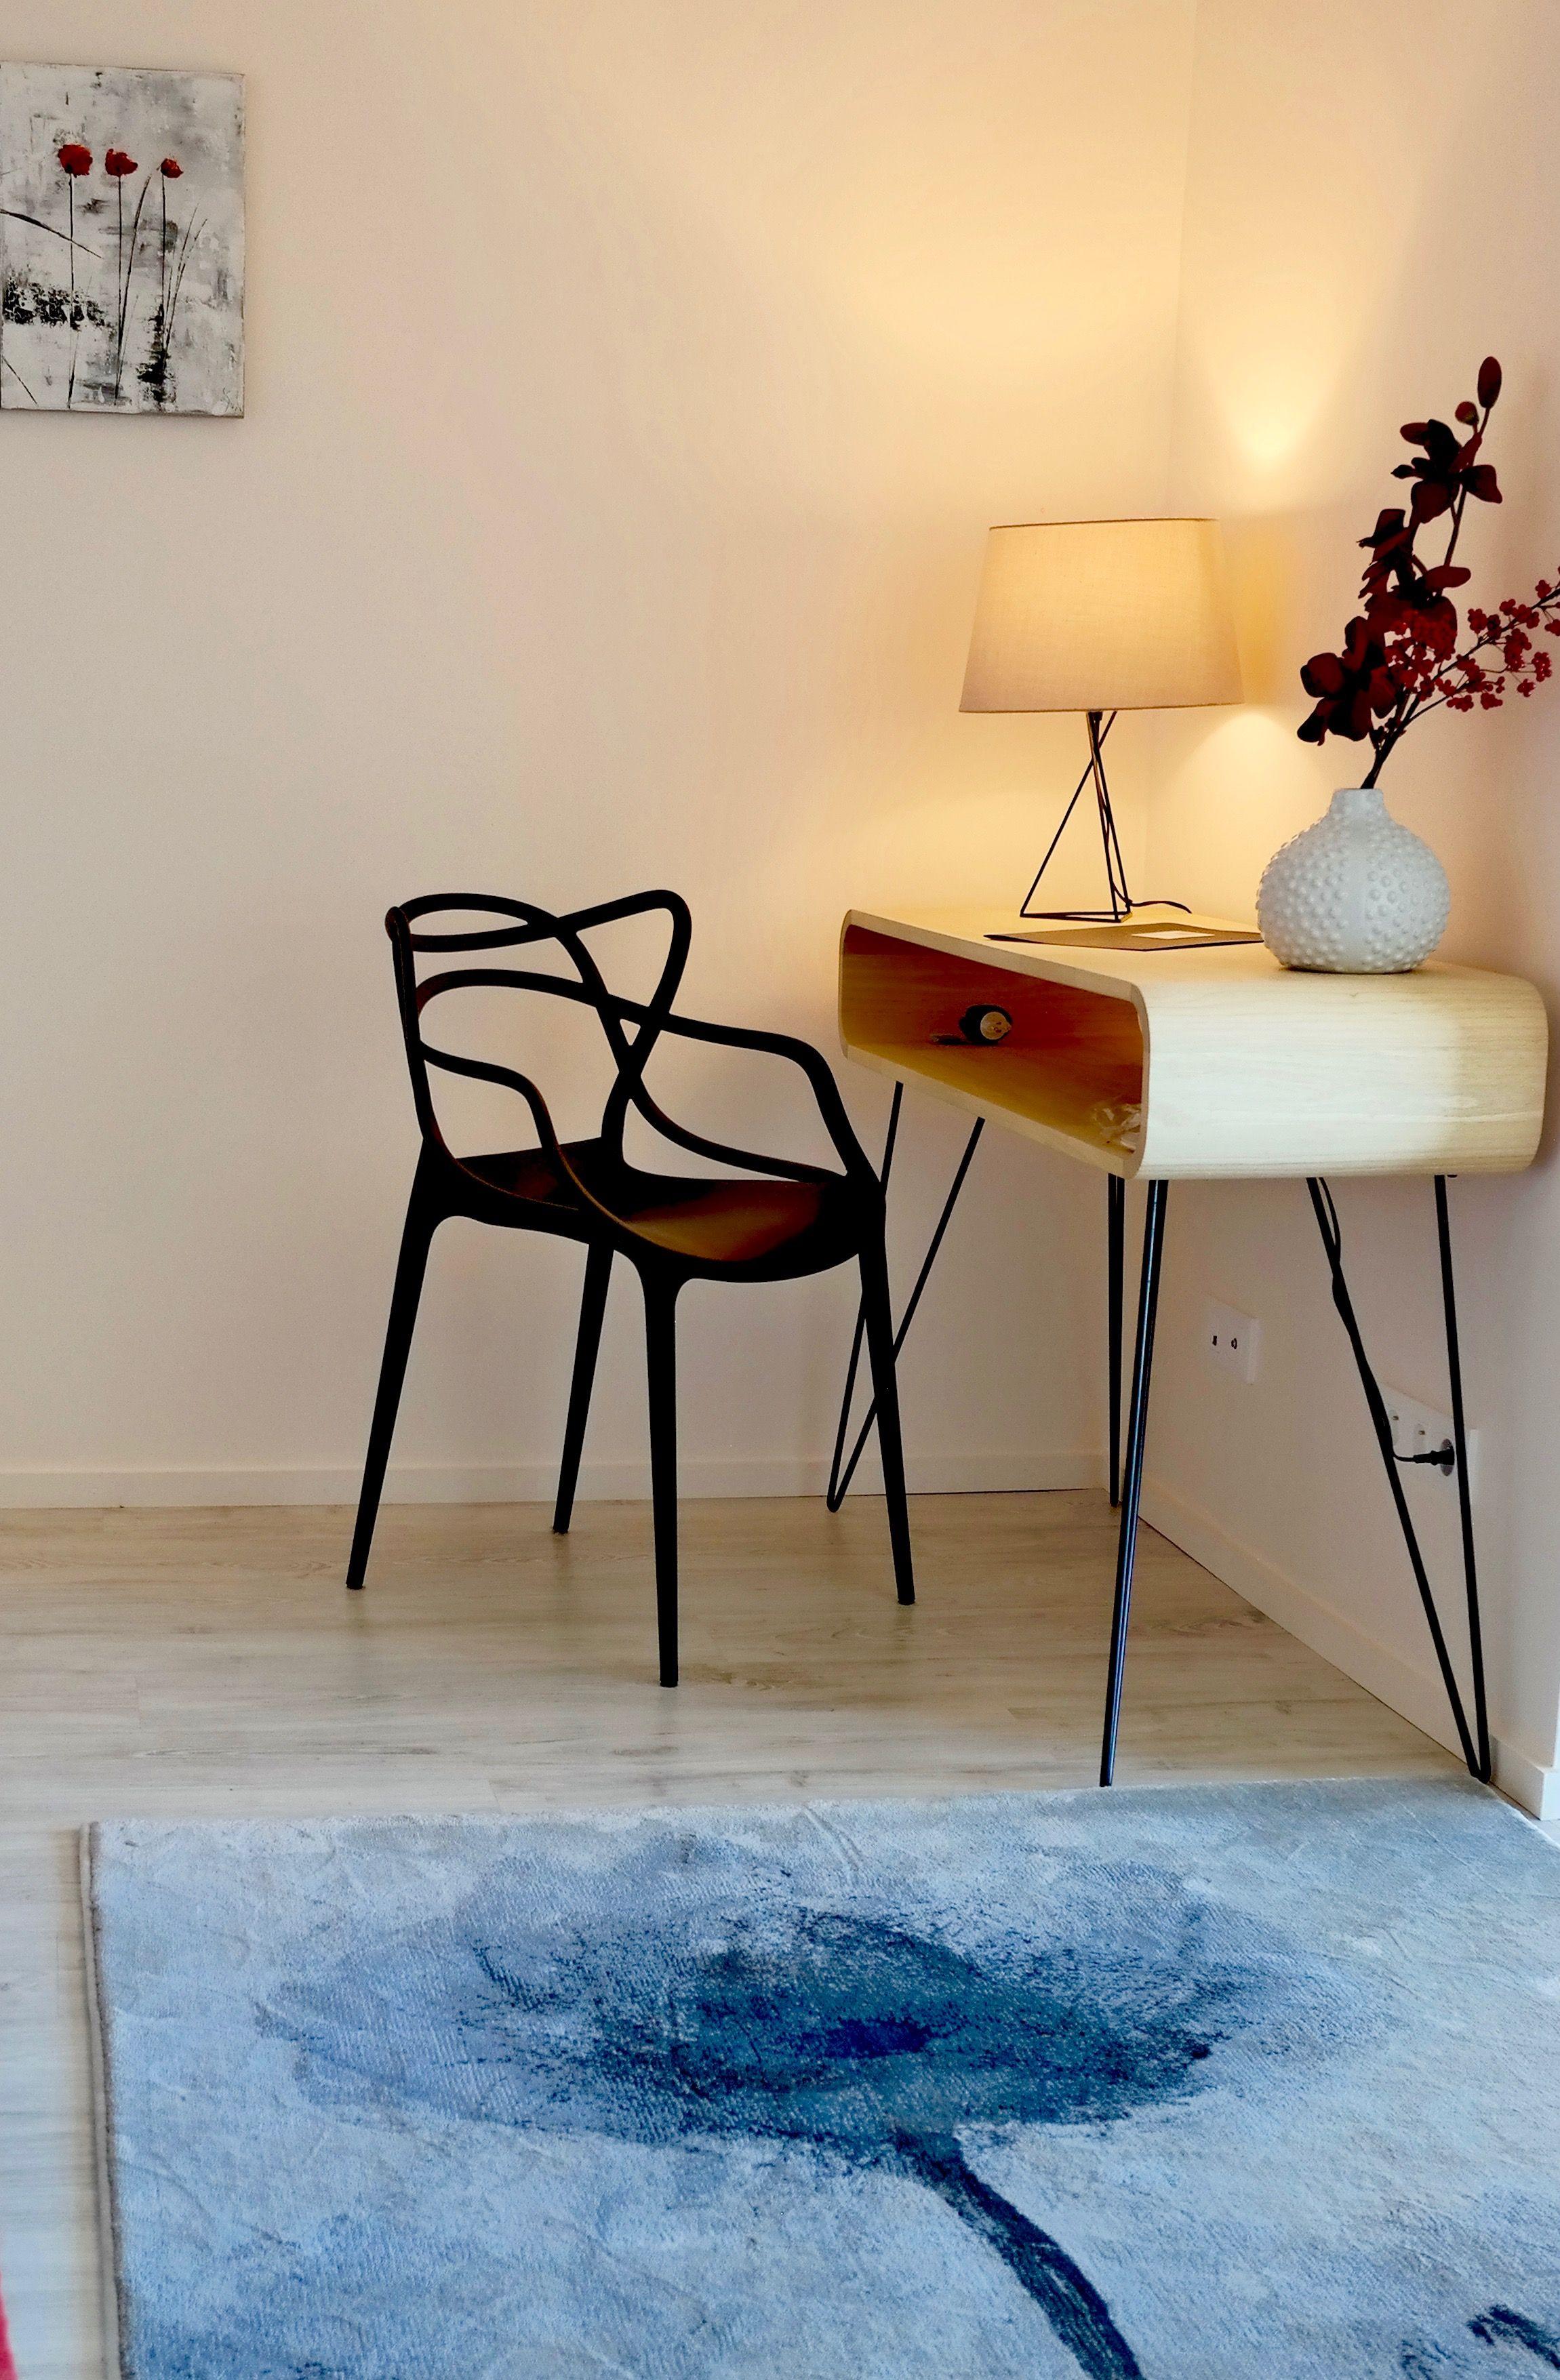 chambre d h´tes n°5 au design épuré décoration contemporaine au